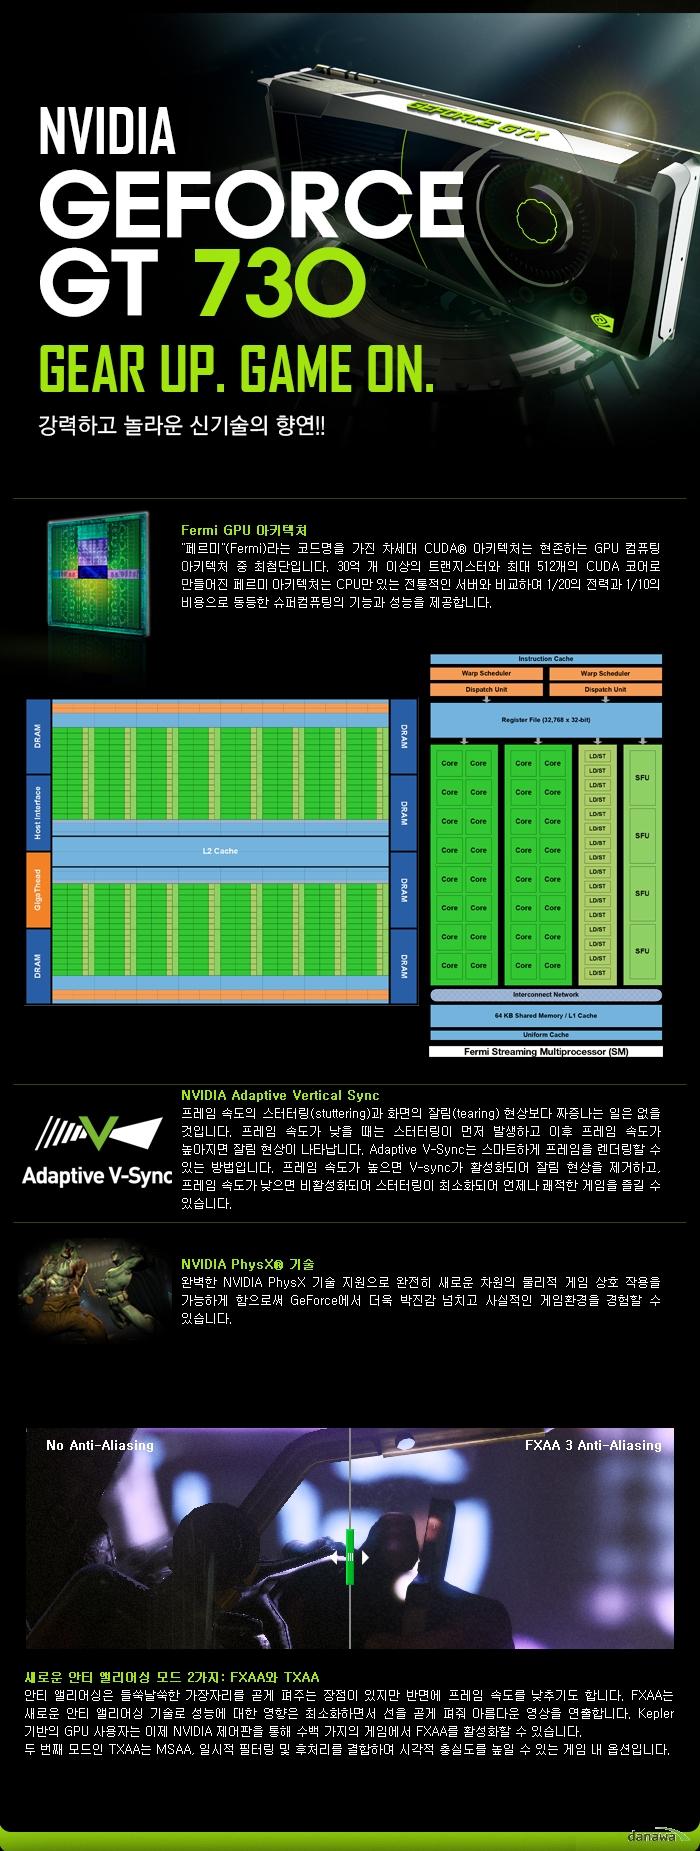 GALAX 지포스 GT730 D3 2GB의 제품 기술설명